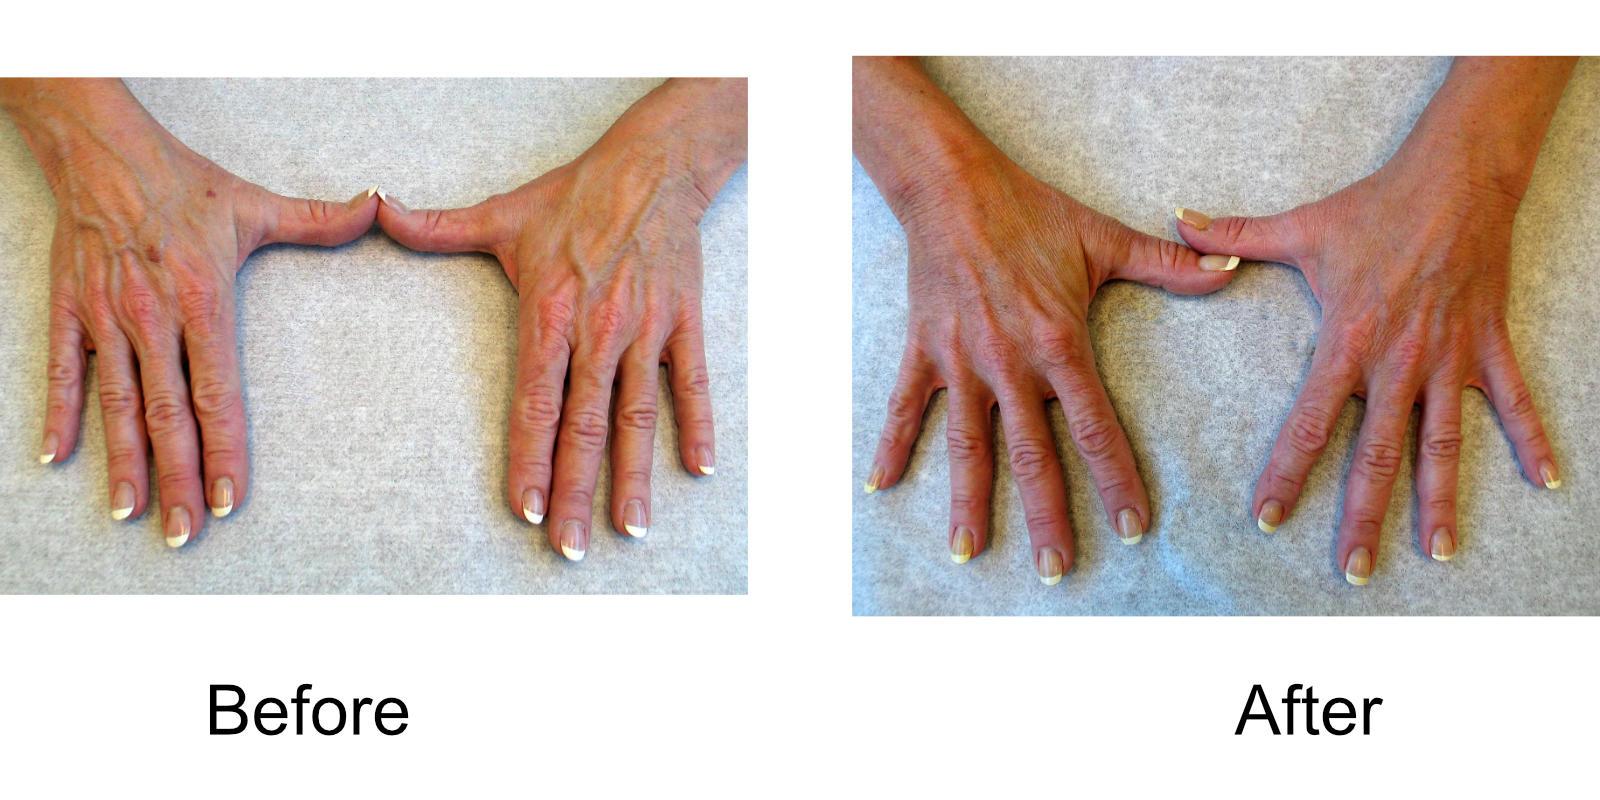 hand-veins-comparison-01